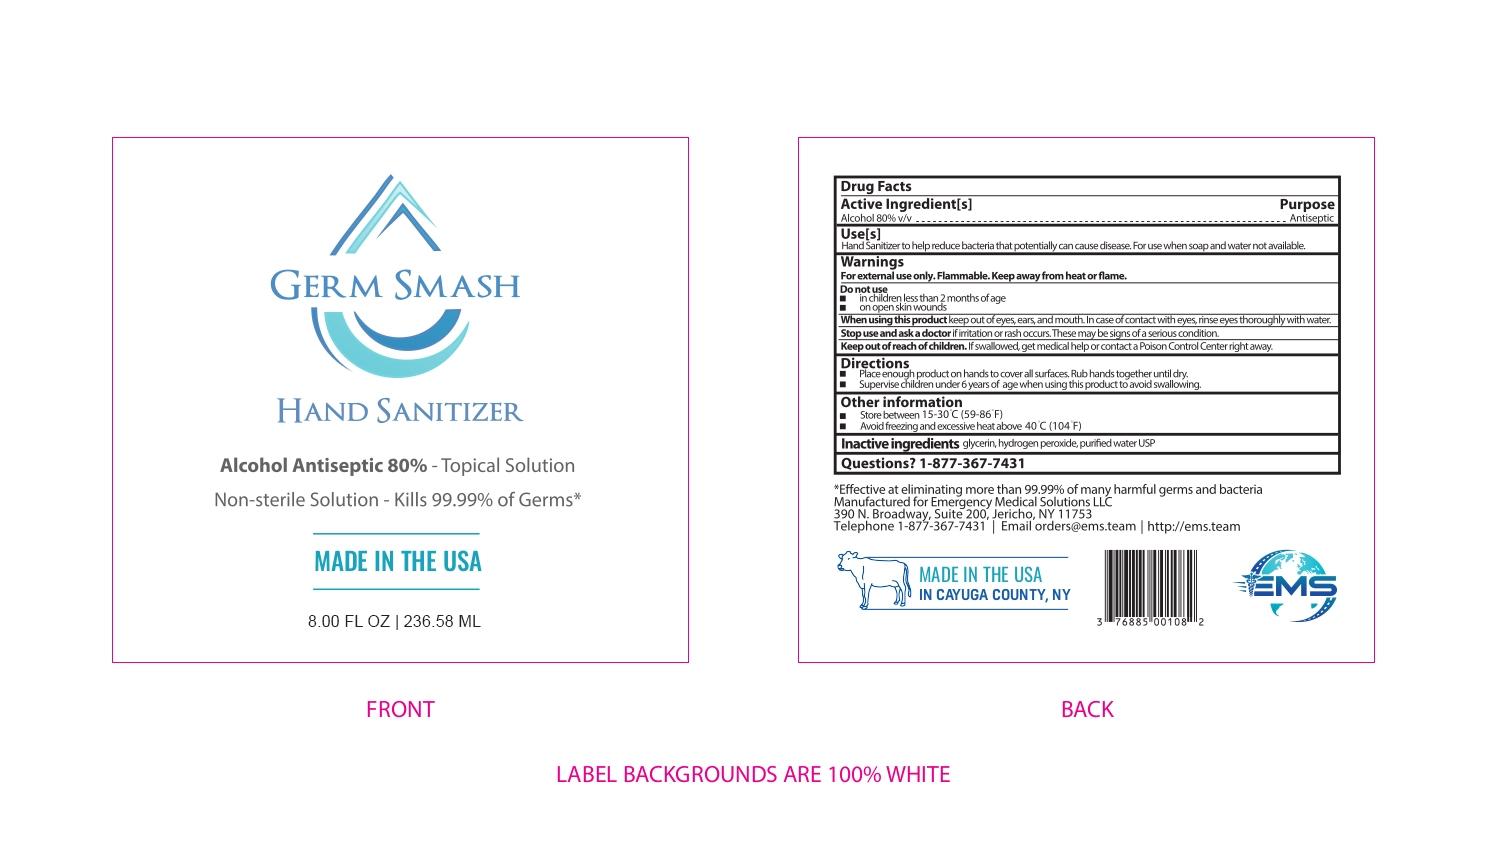 USA Germ Smash 236.58ml